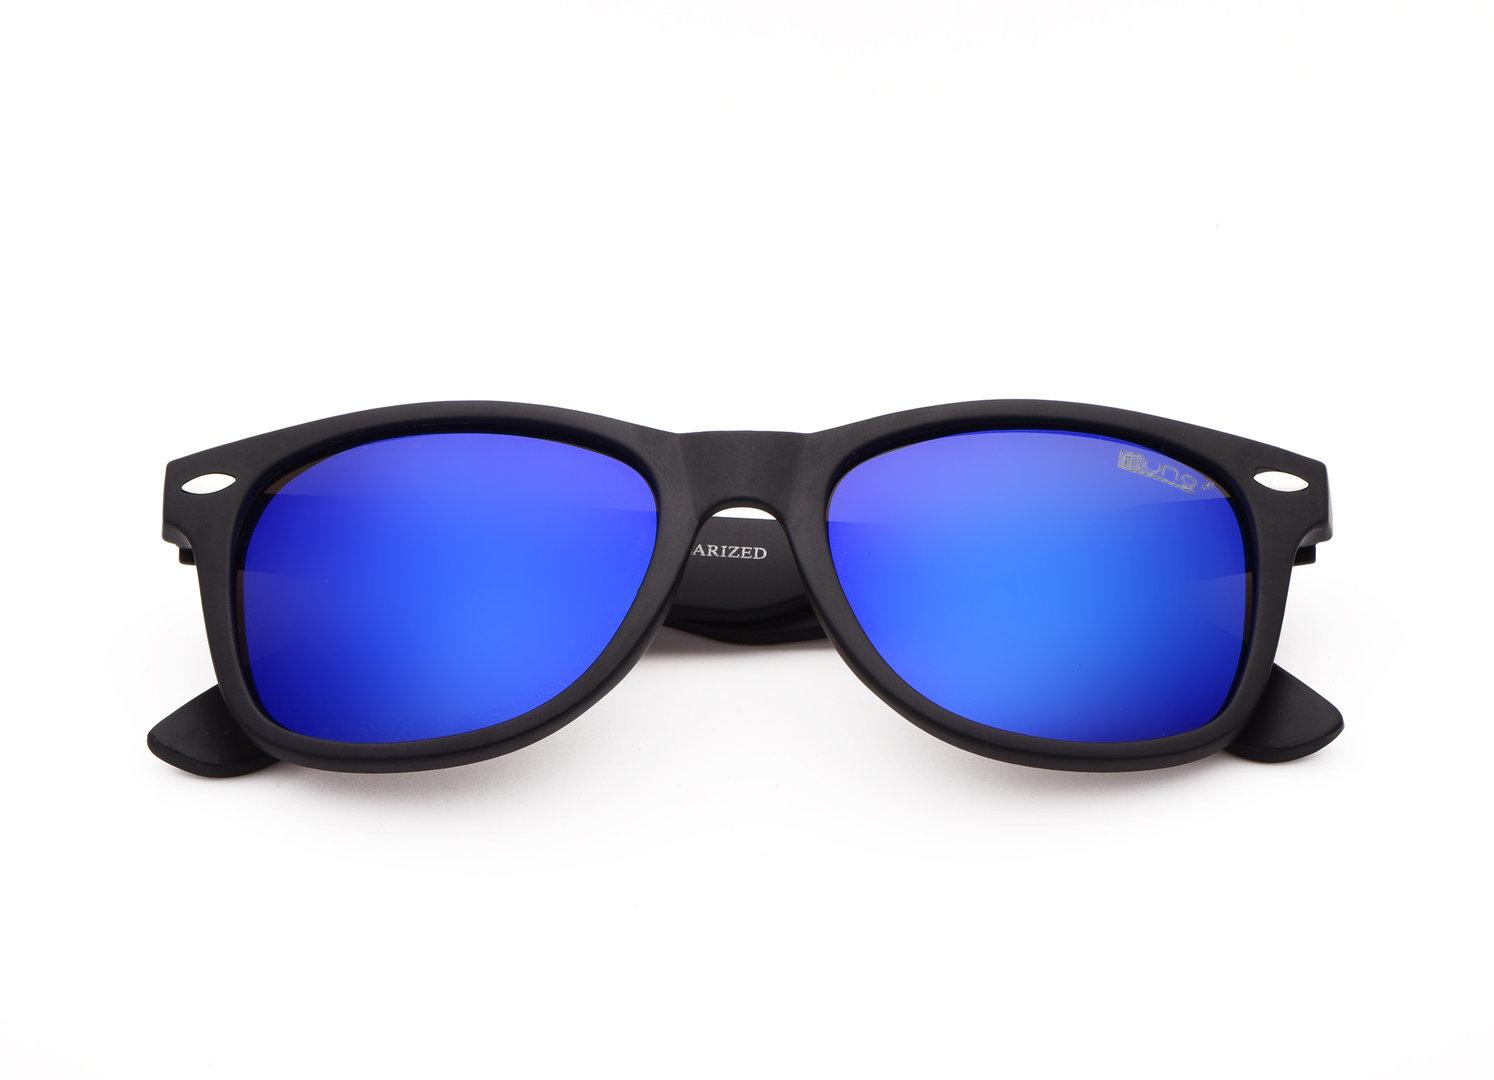 miuno sonnenbrille polarisiert verspiegelt unisex